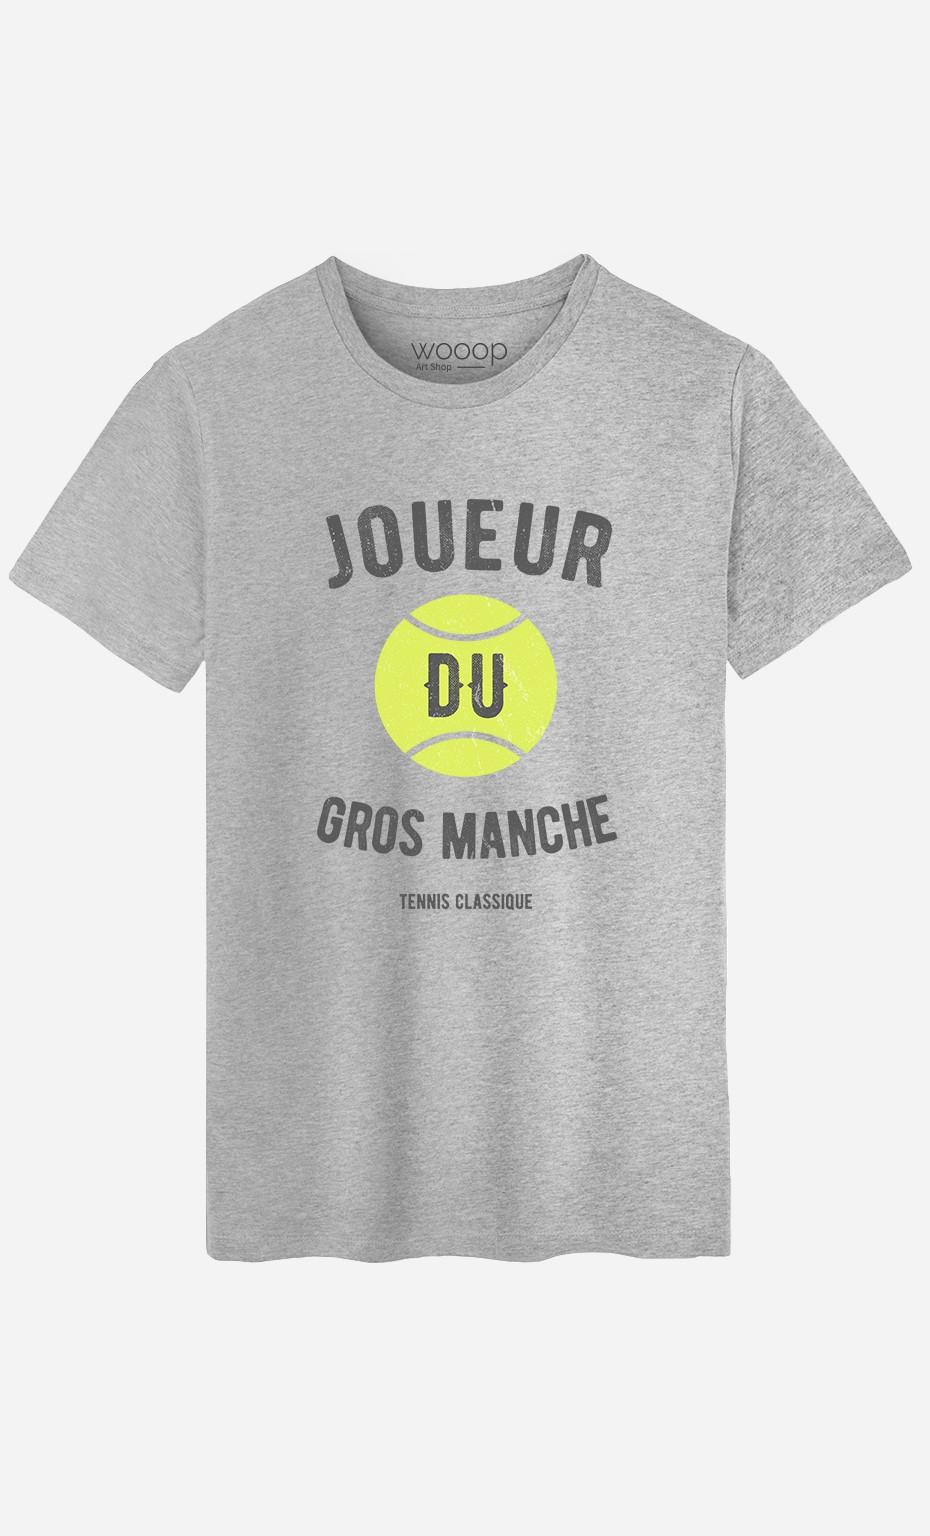 T-Shirt Homme Joueur du Gros Manche